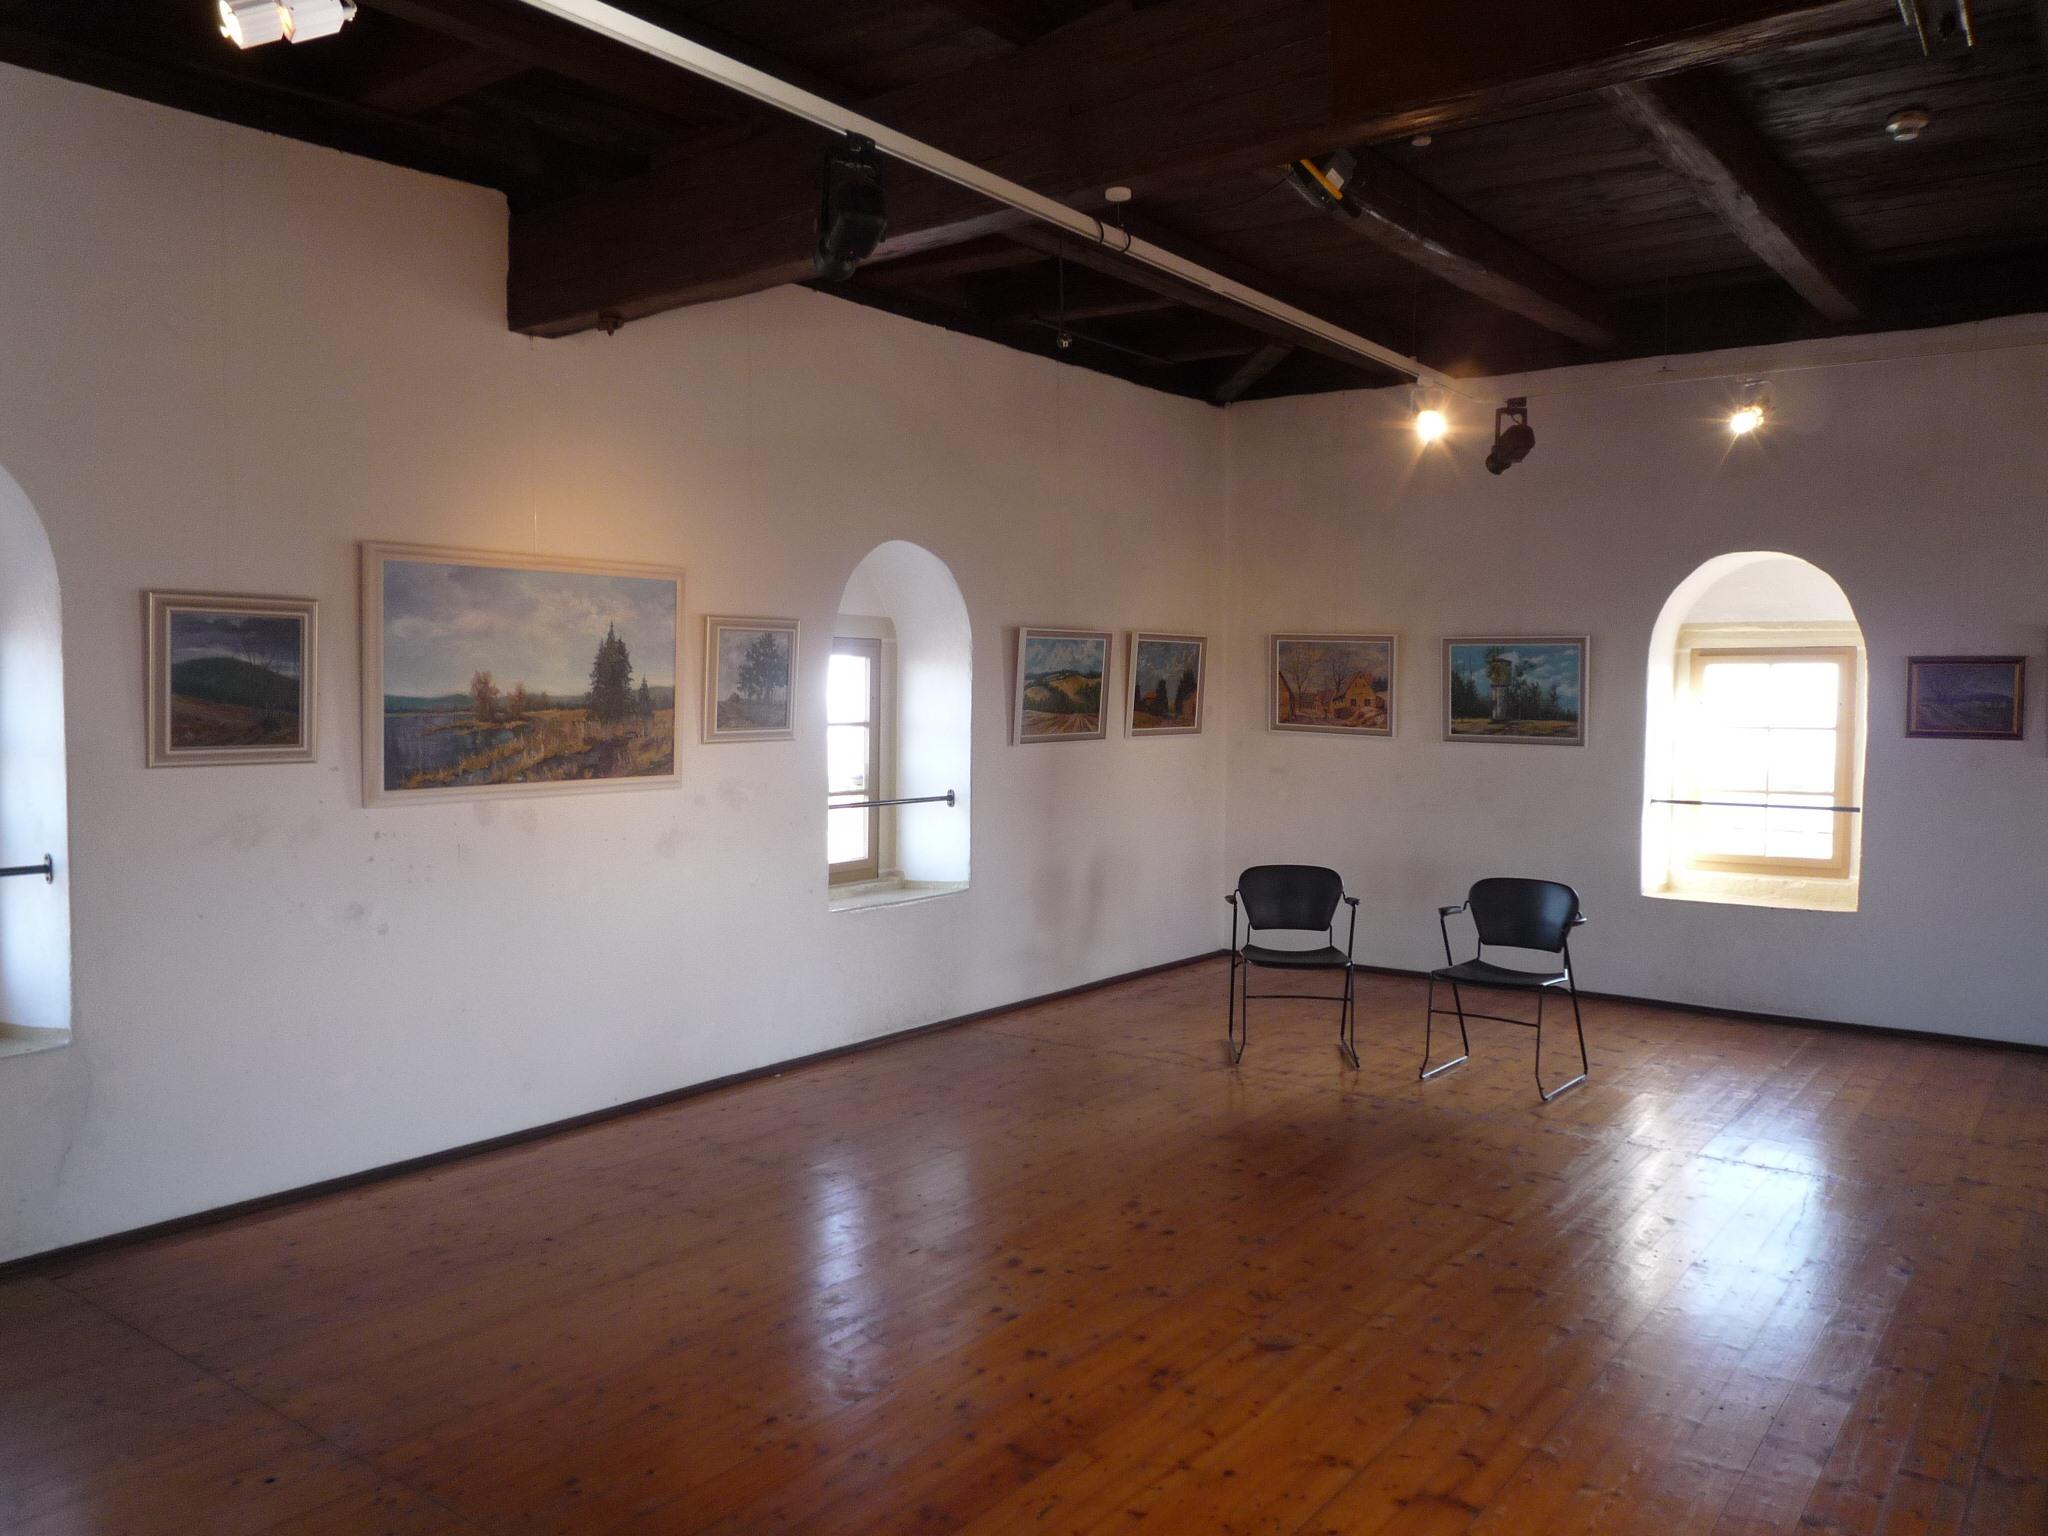 XX Gemeinschaftsausstellung @ Turmgalerie Schloss Augustusburg | Augustusburg | Sachsen | Deutschland